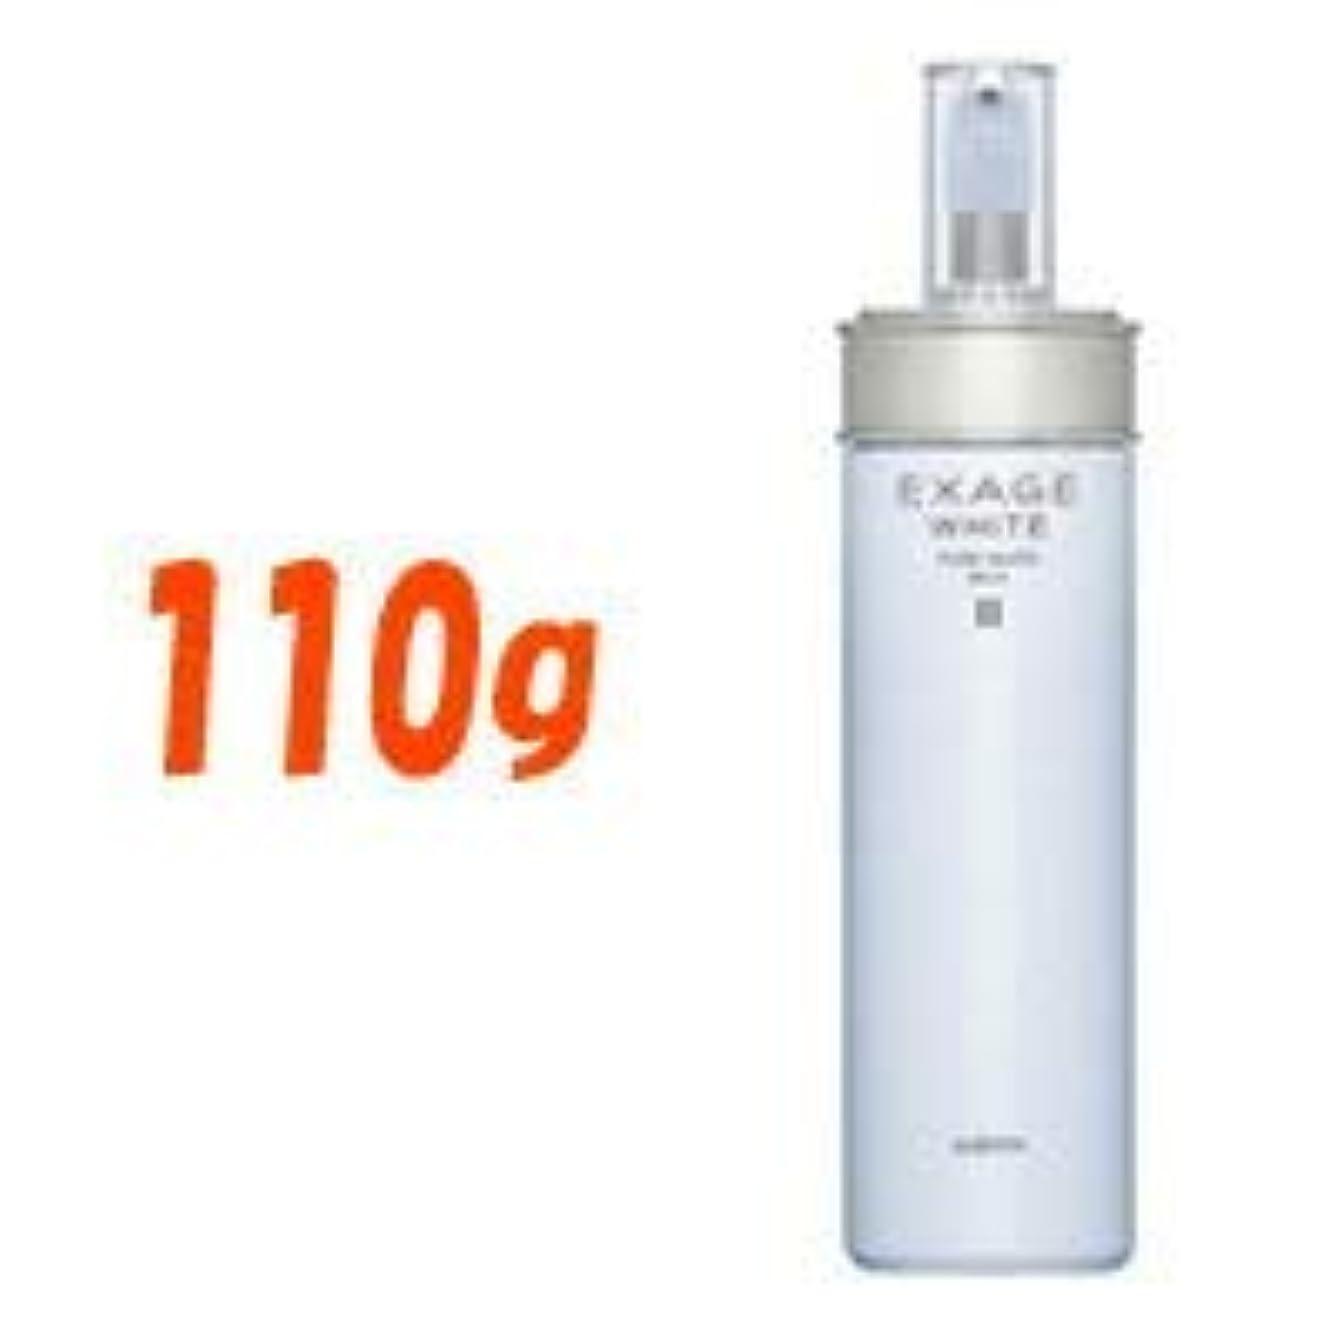 ワイド療法ペニーアルビオン エクサージュ ホワイトピュアホワイトミルク(2) 110g